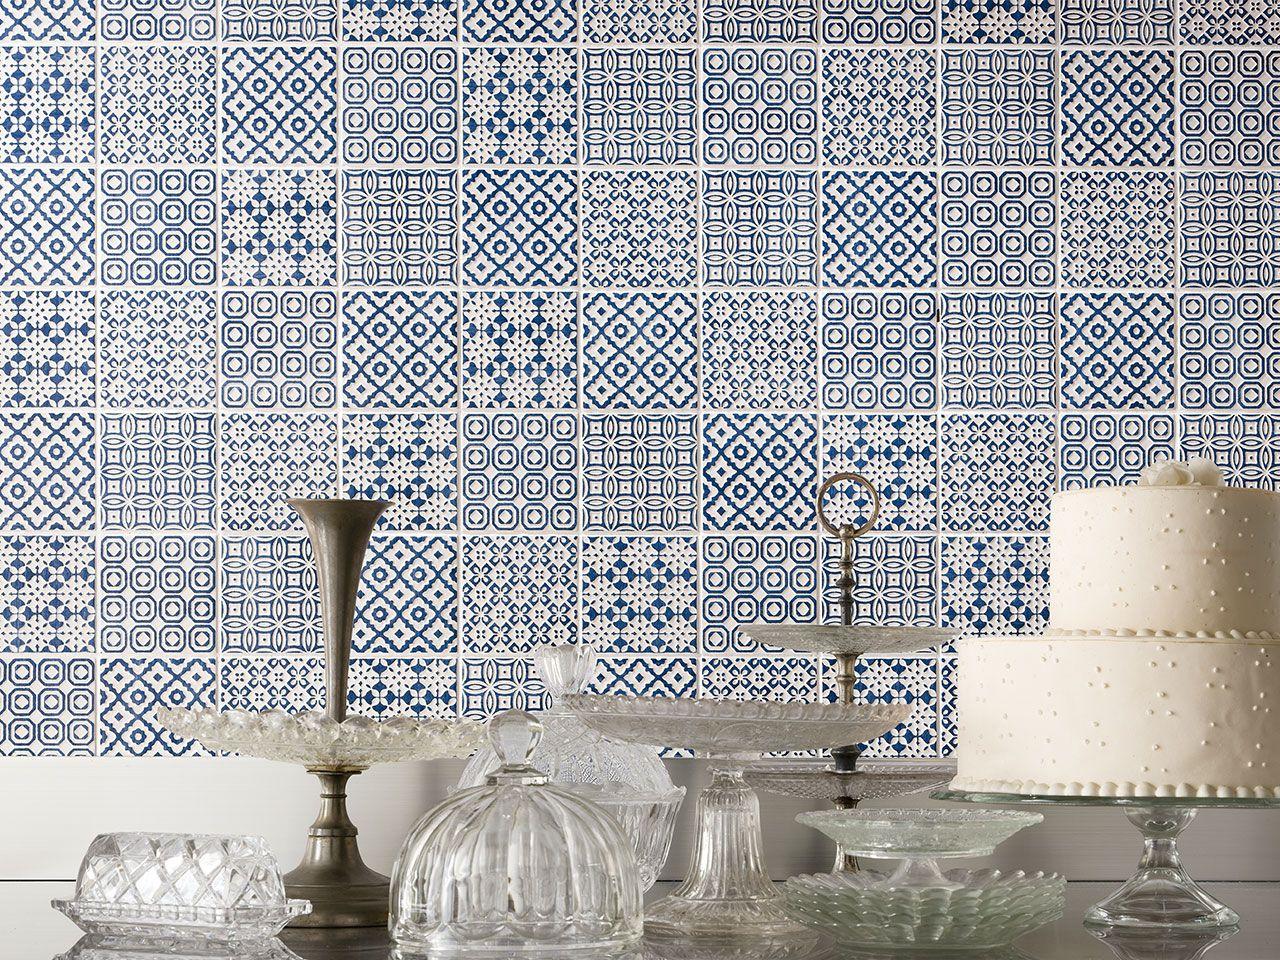 Mattonelle cucina bianca : piastrelle cucina bianca. mattonelle ...